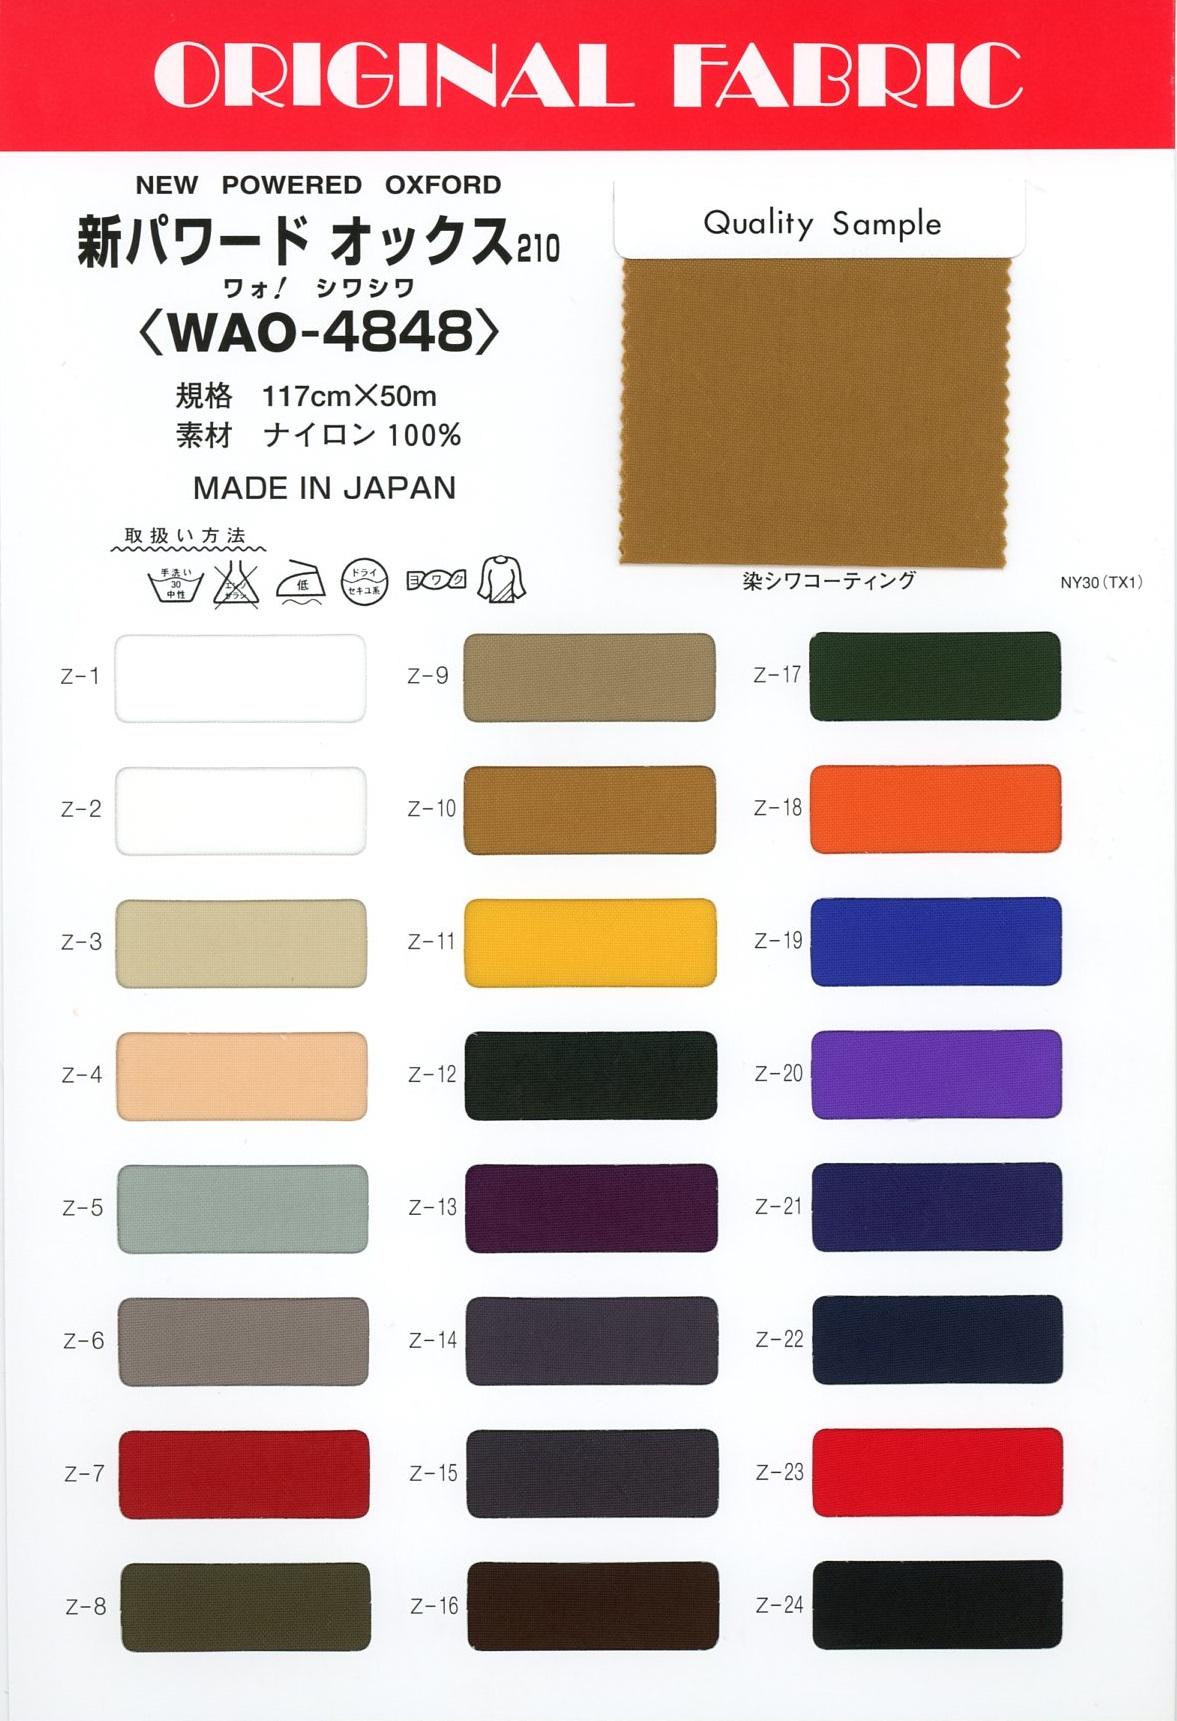 WAO4848